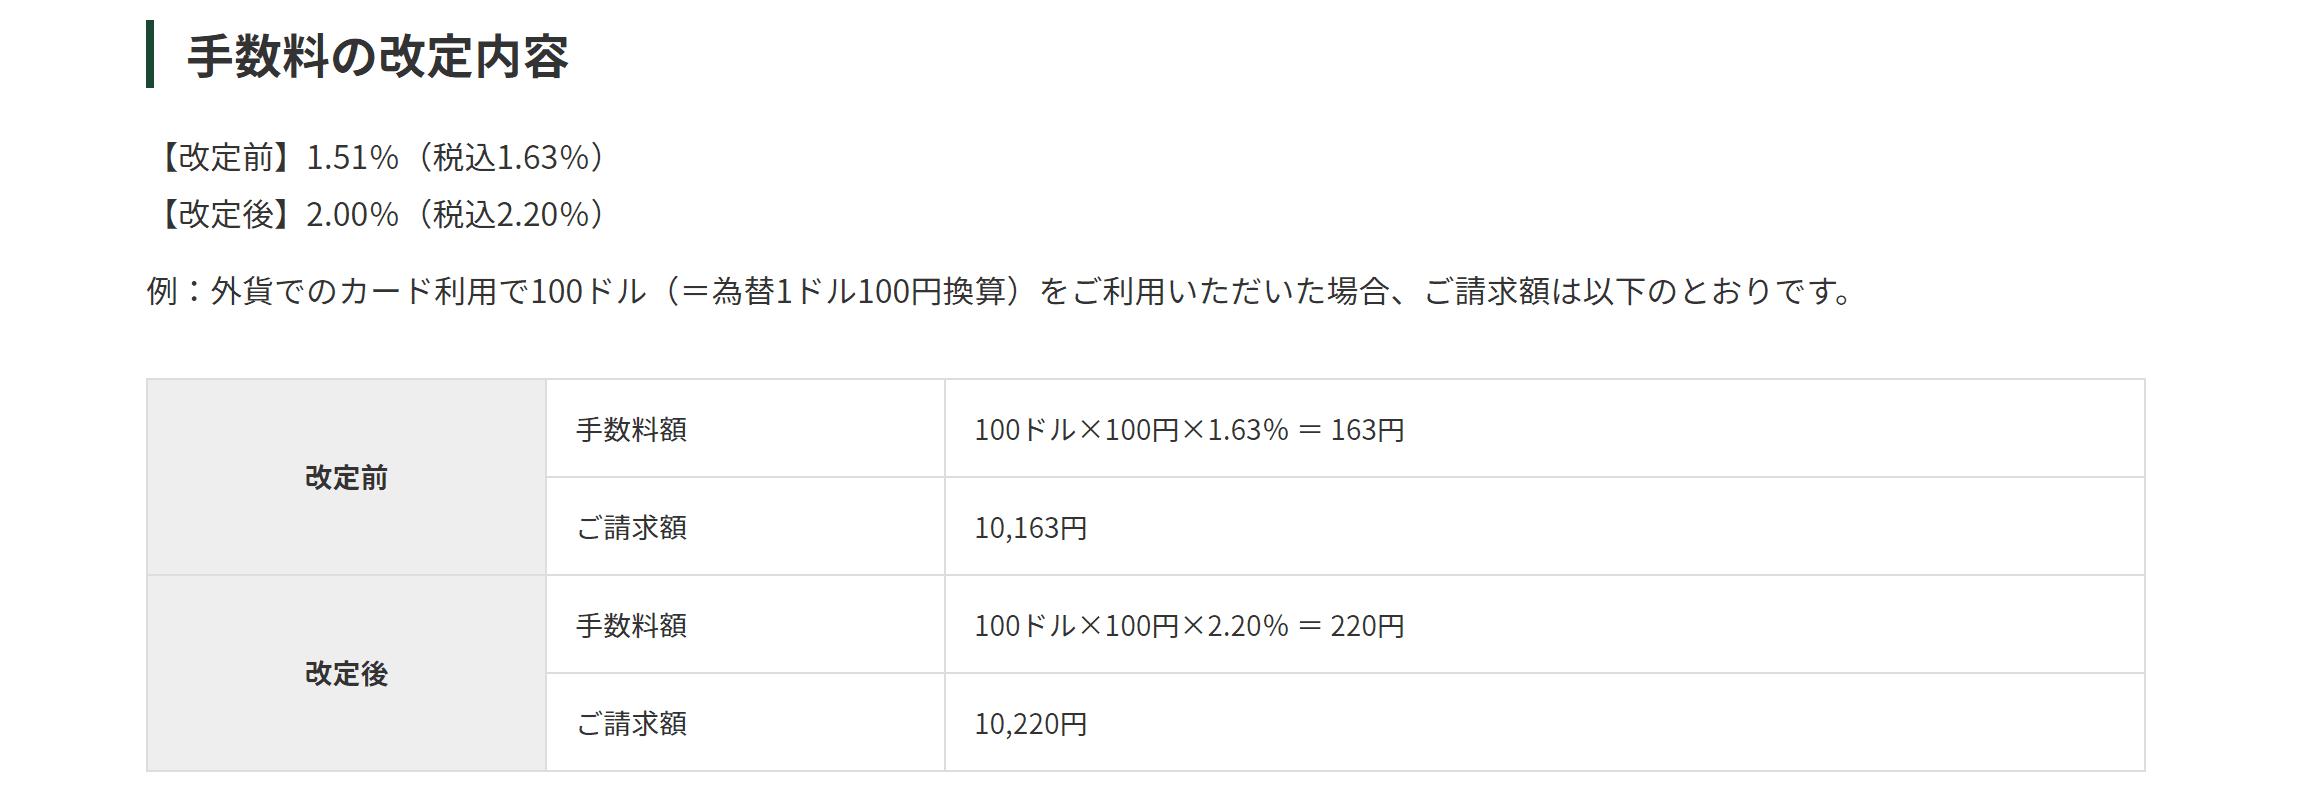 三井住友カードの海外決済手数料